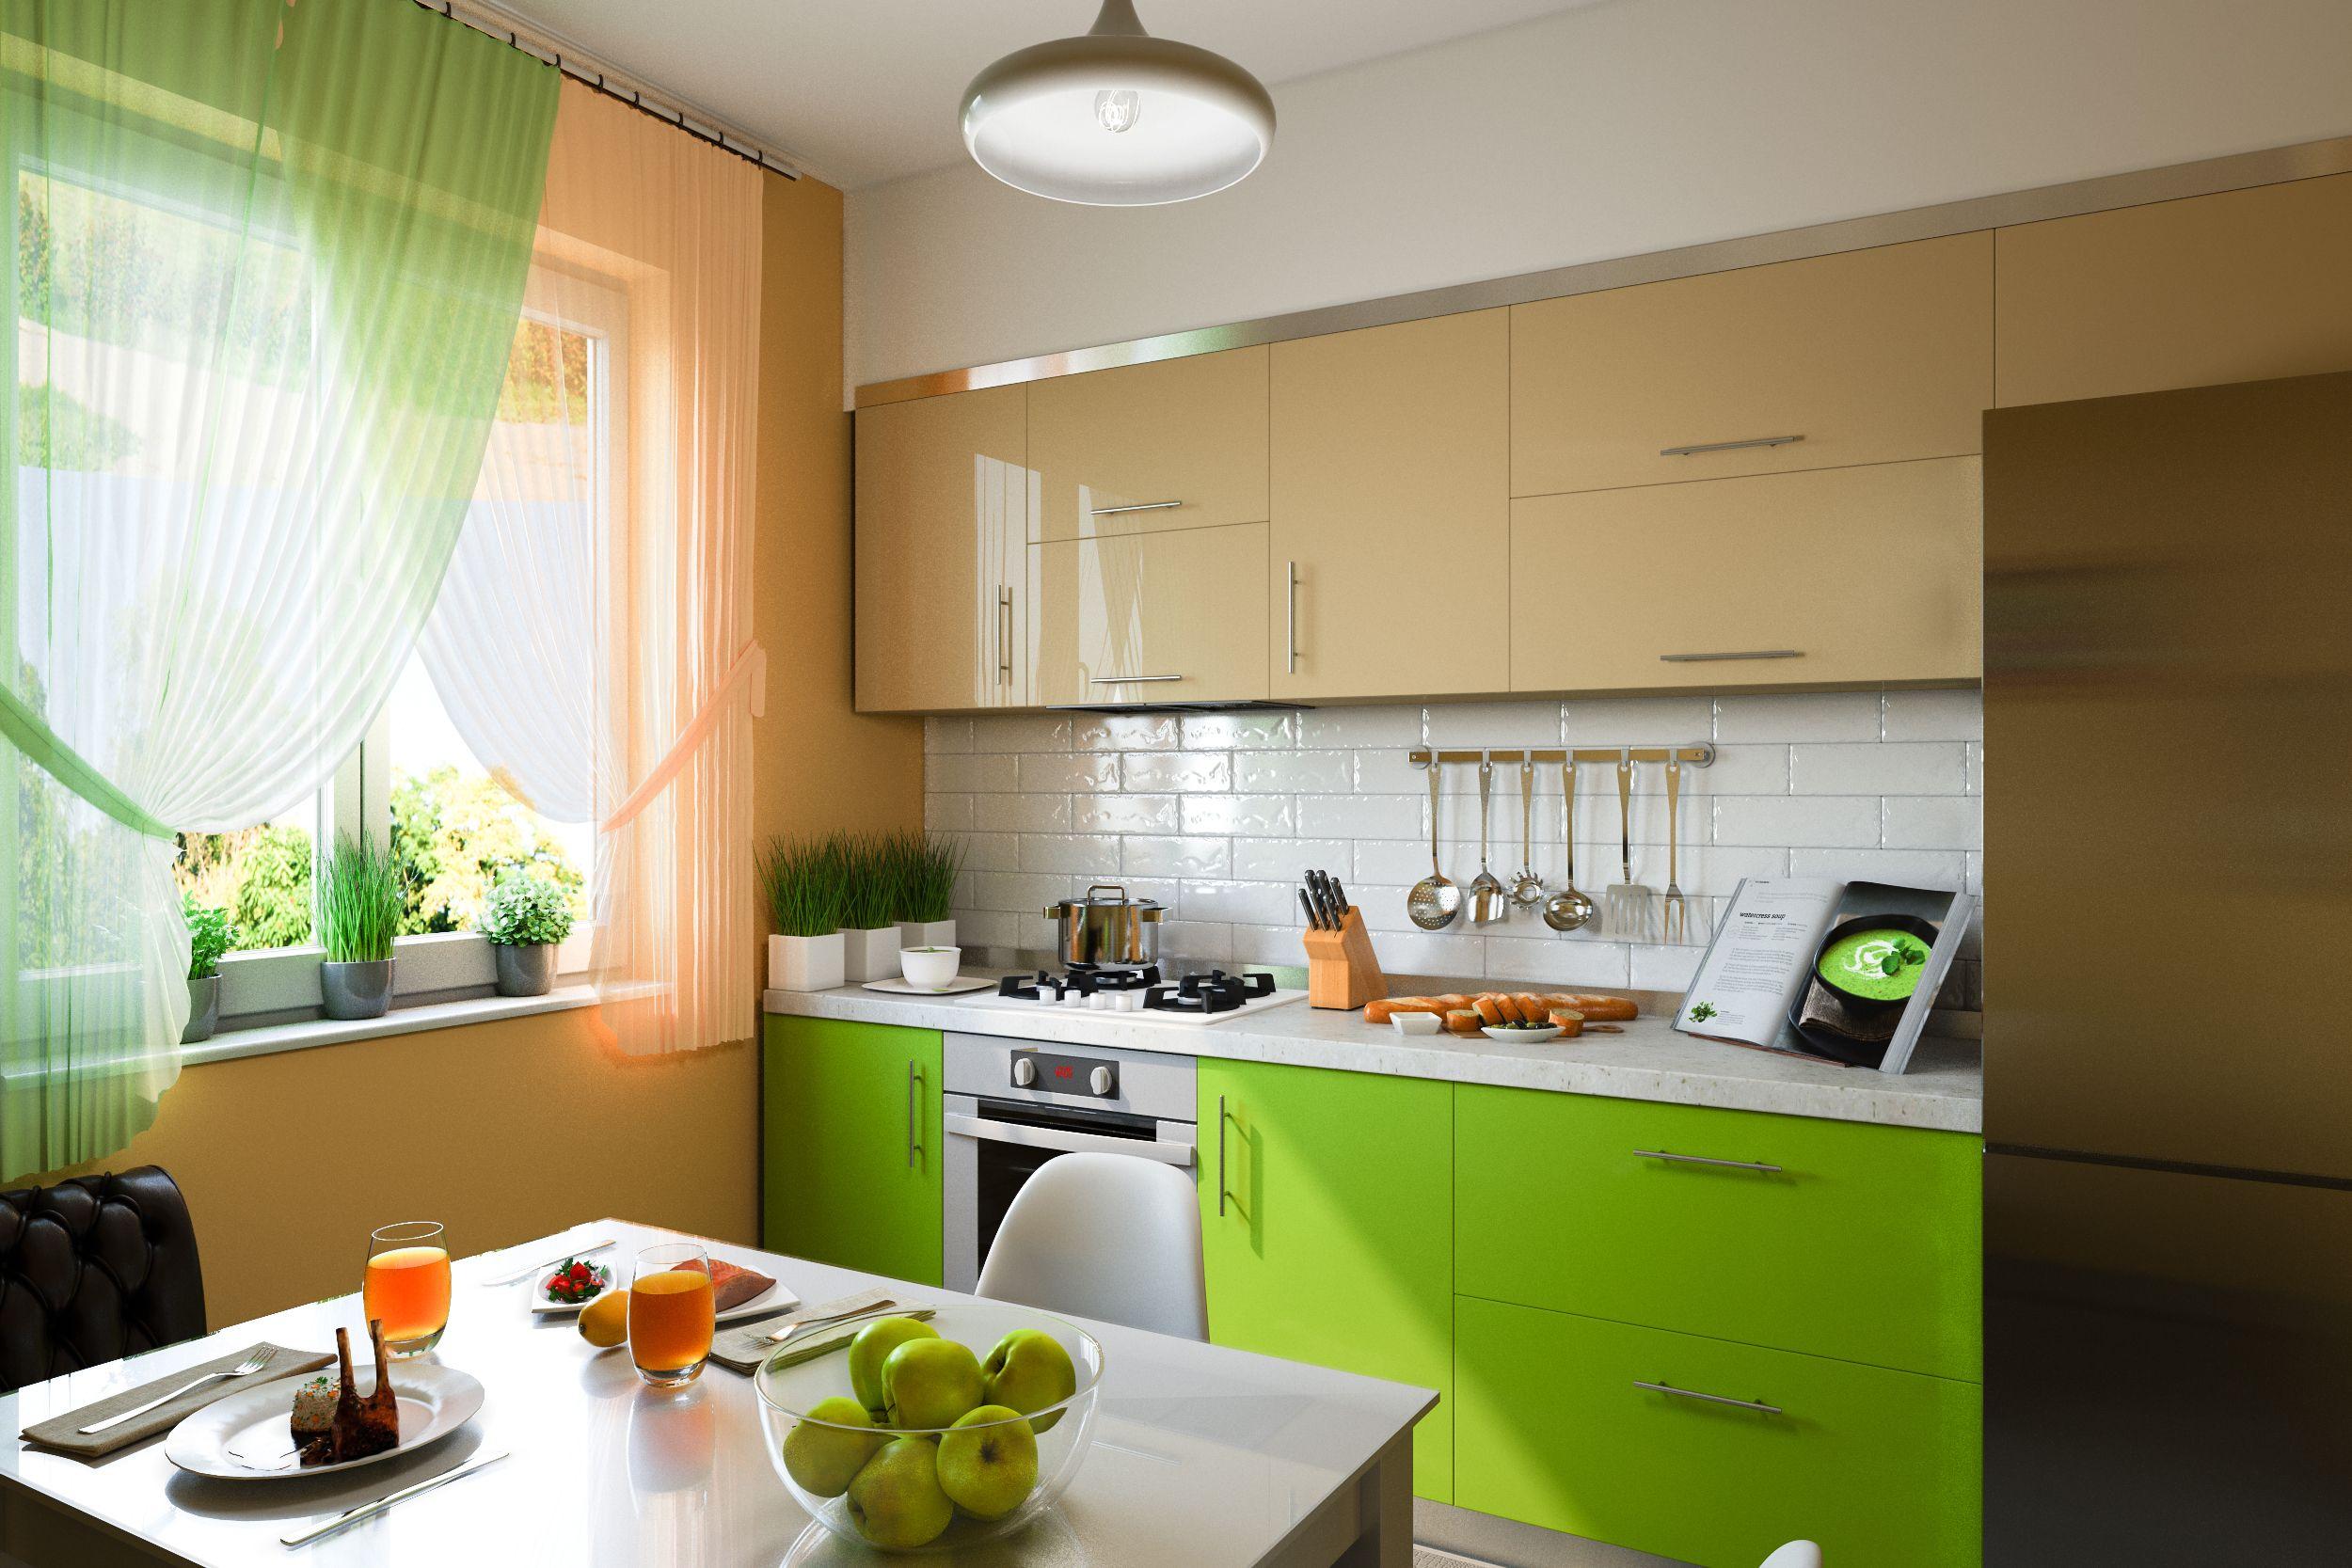 Fábrica de muebles de cocina en Tenerife